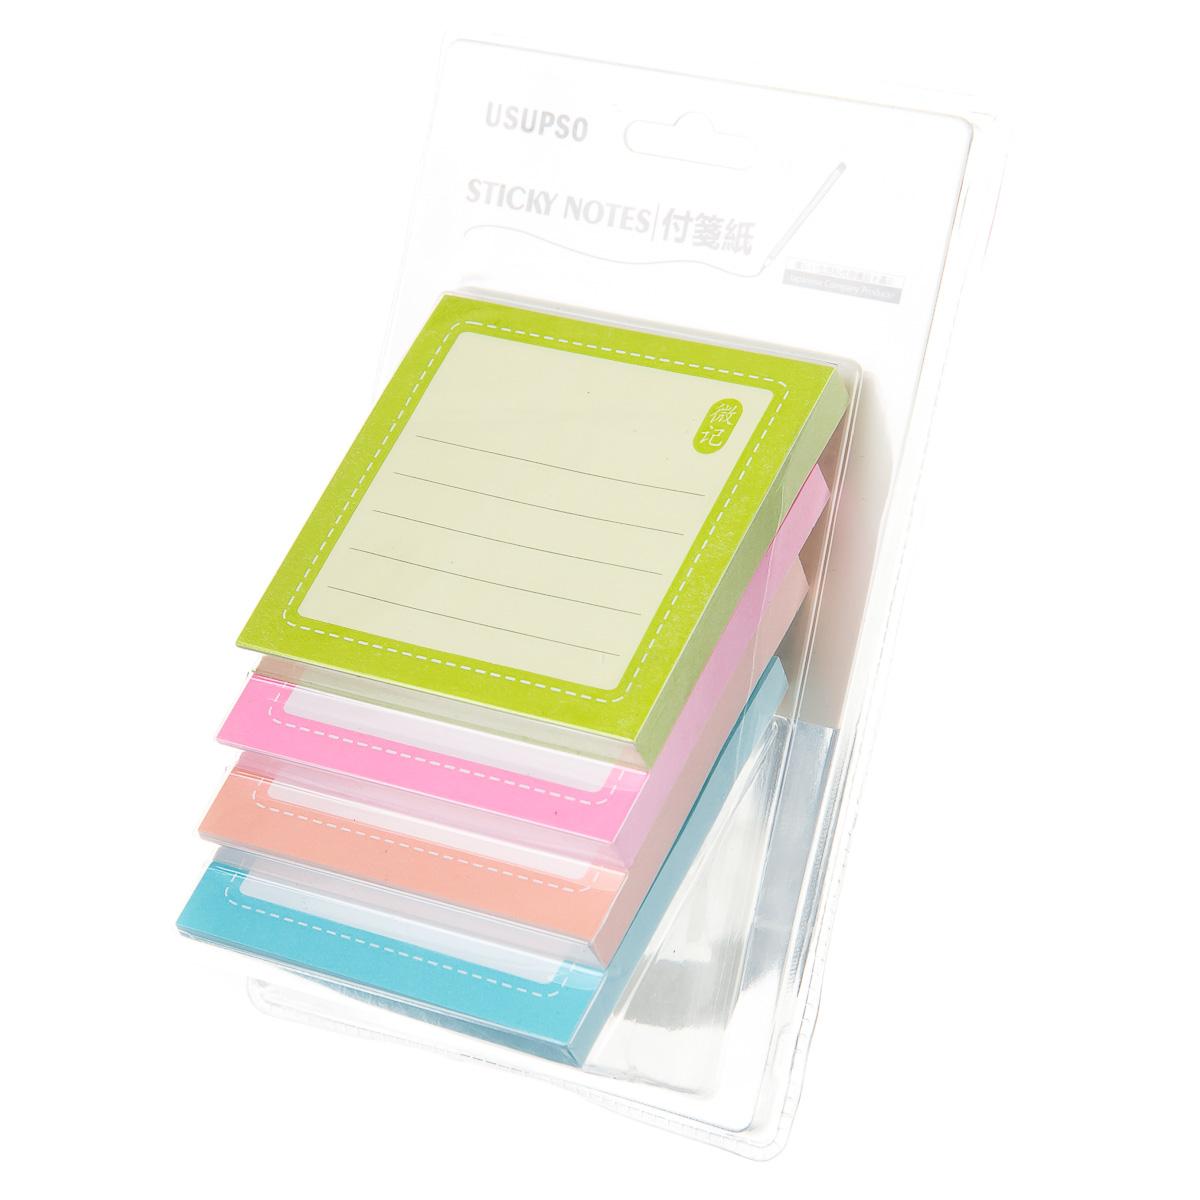 Стикеры для заметок квадратные 4 цвета